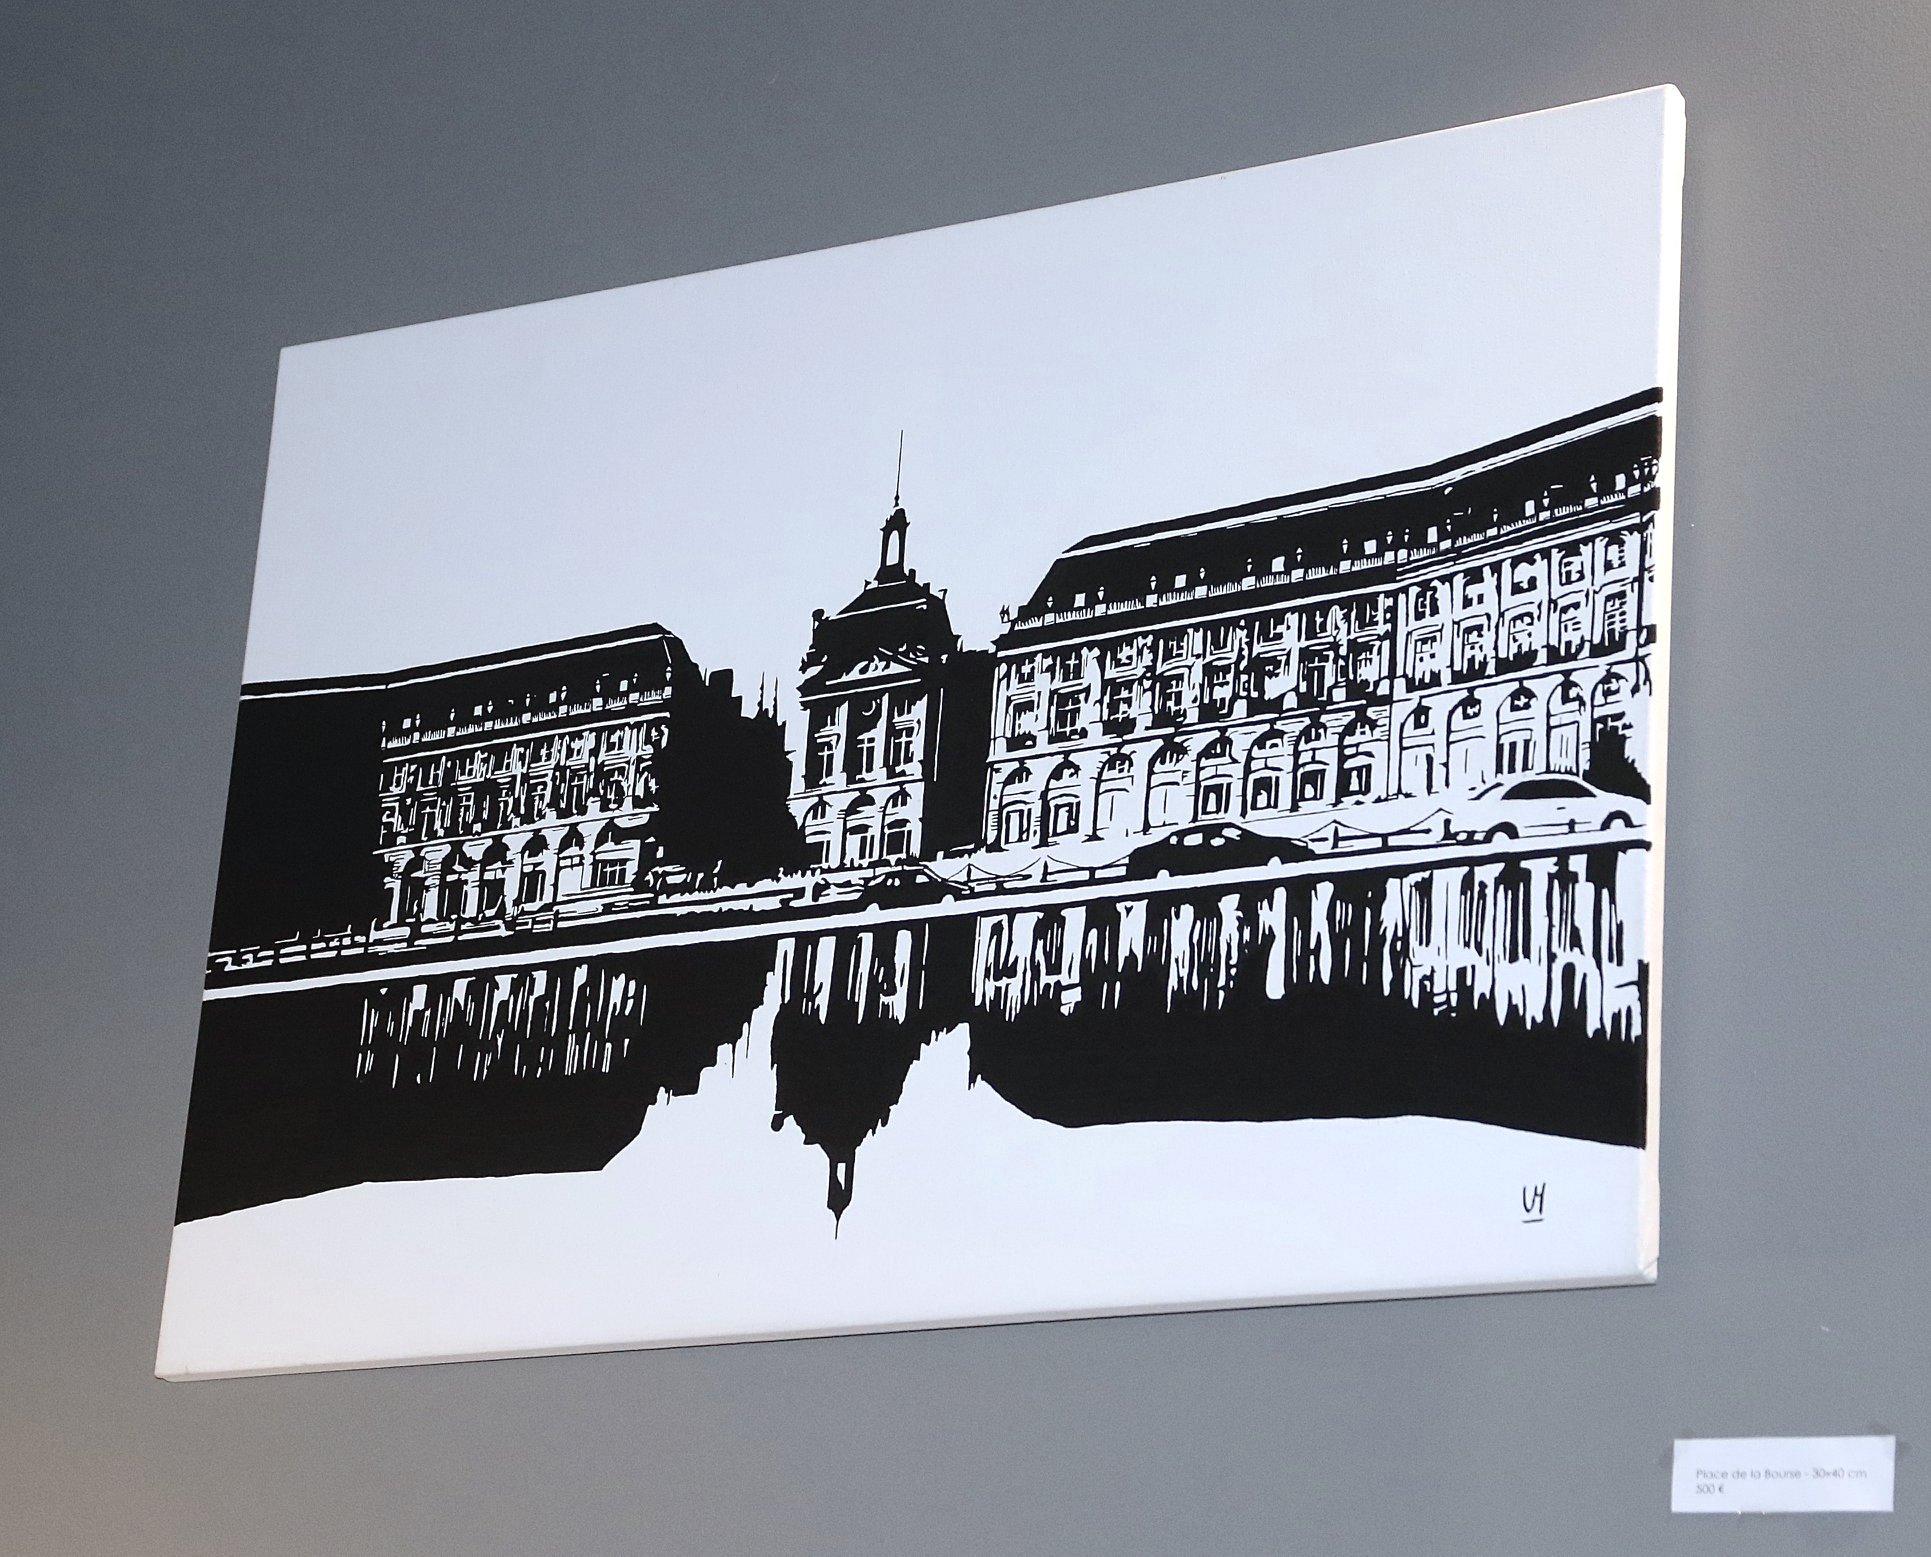 Les bons plans Bordeaux : Valentin Mauguet, artiste autodidacte bordelais en Afterwork Exposition au Veneto 19 avril